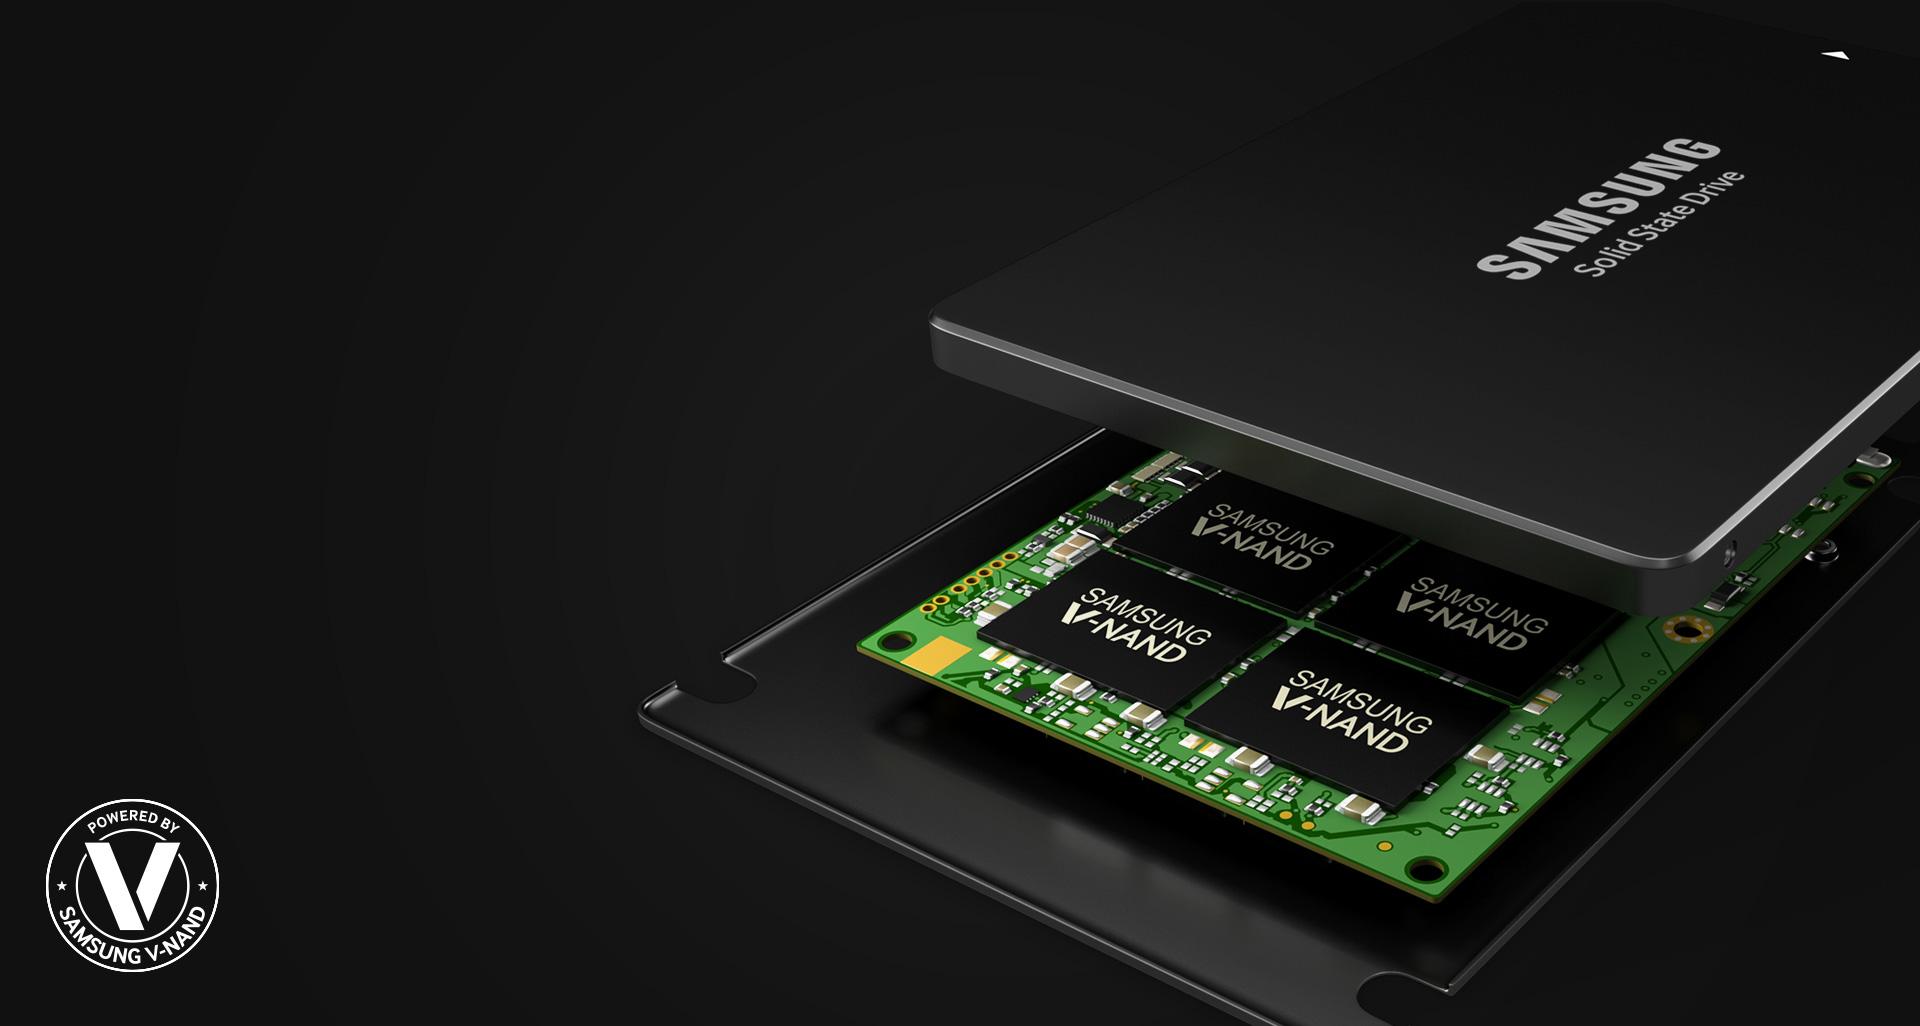 Samsung SSD SM863a 240GB